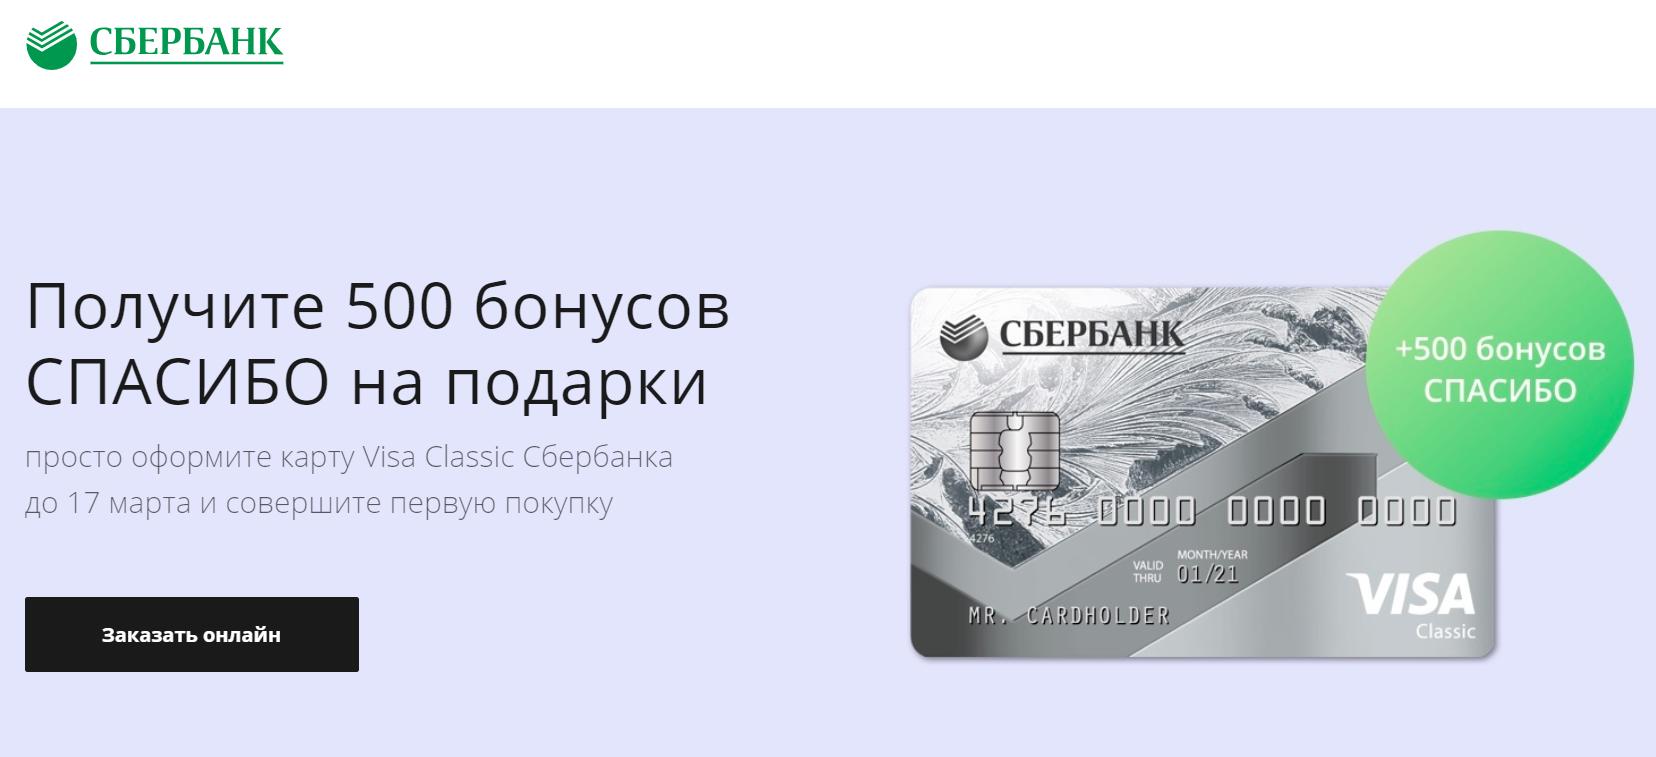 Visa оформить карту сбербанк